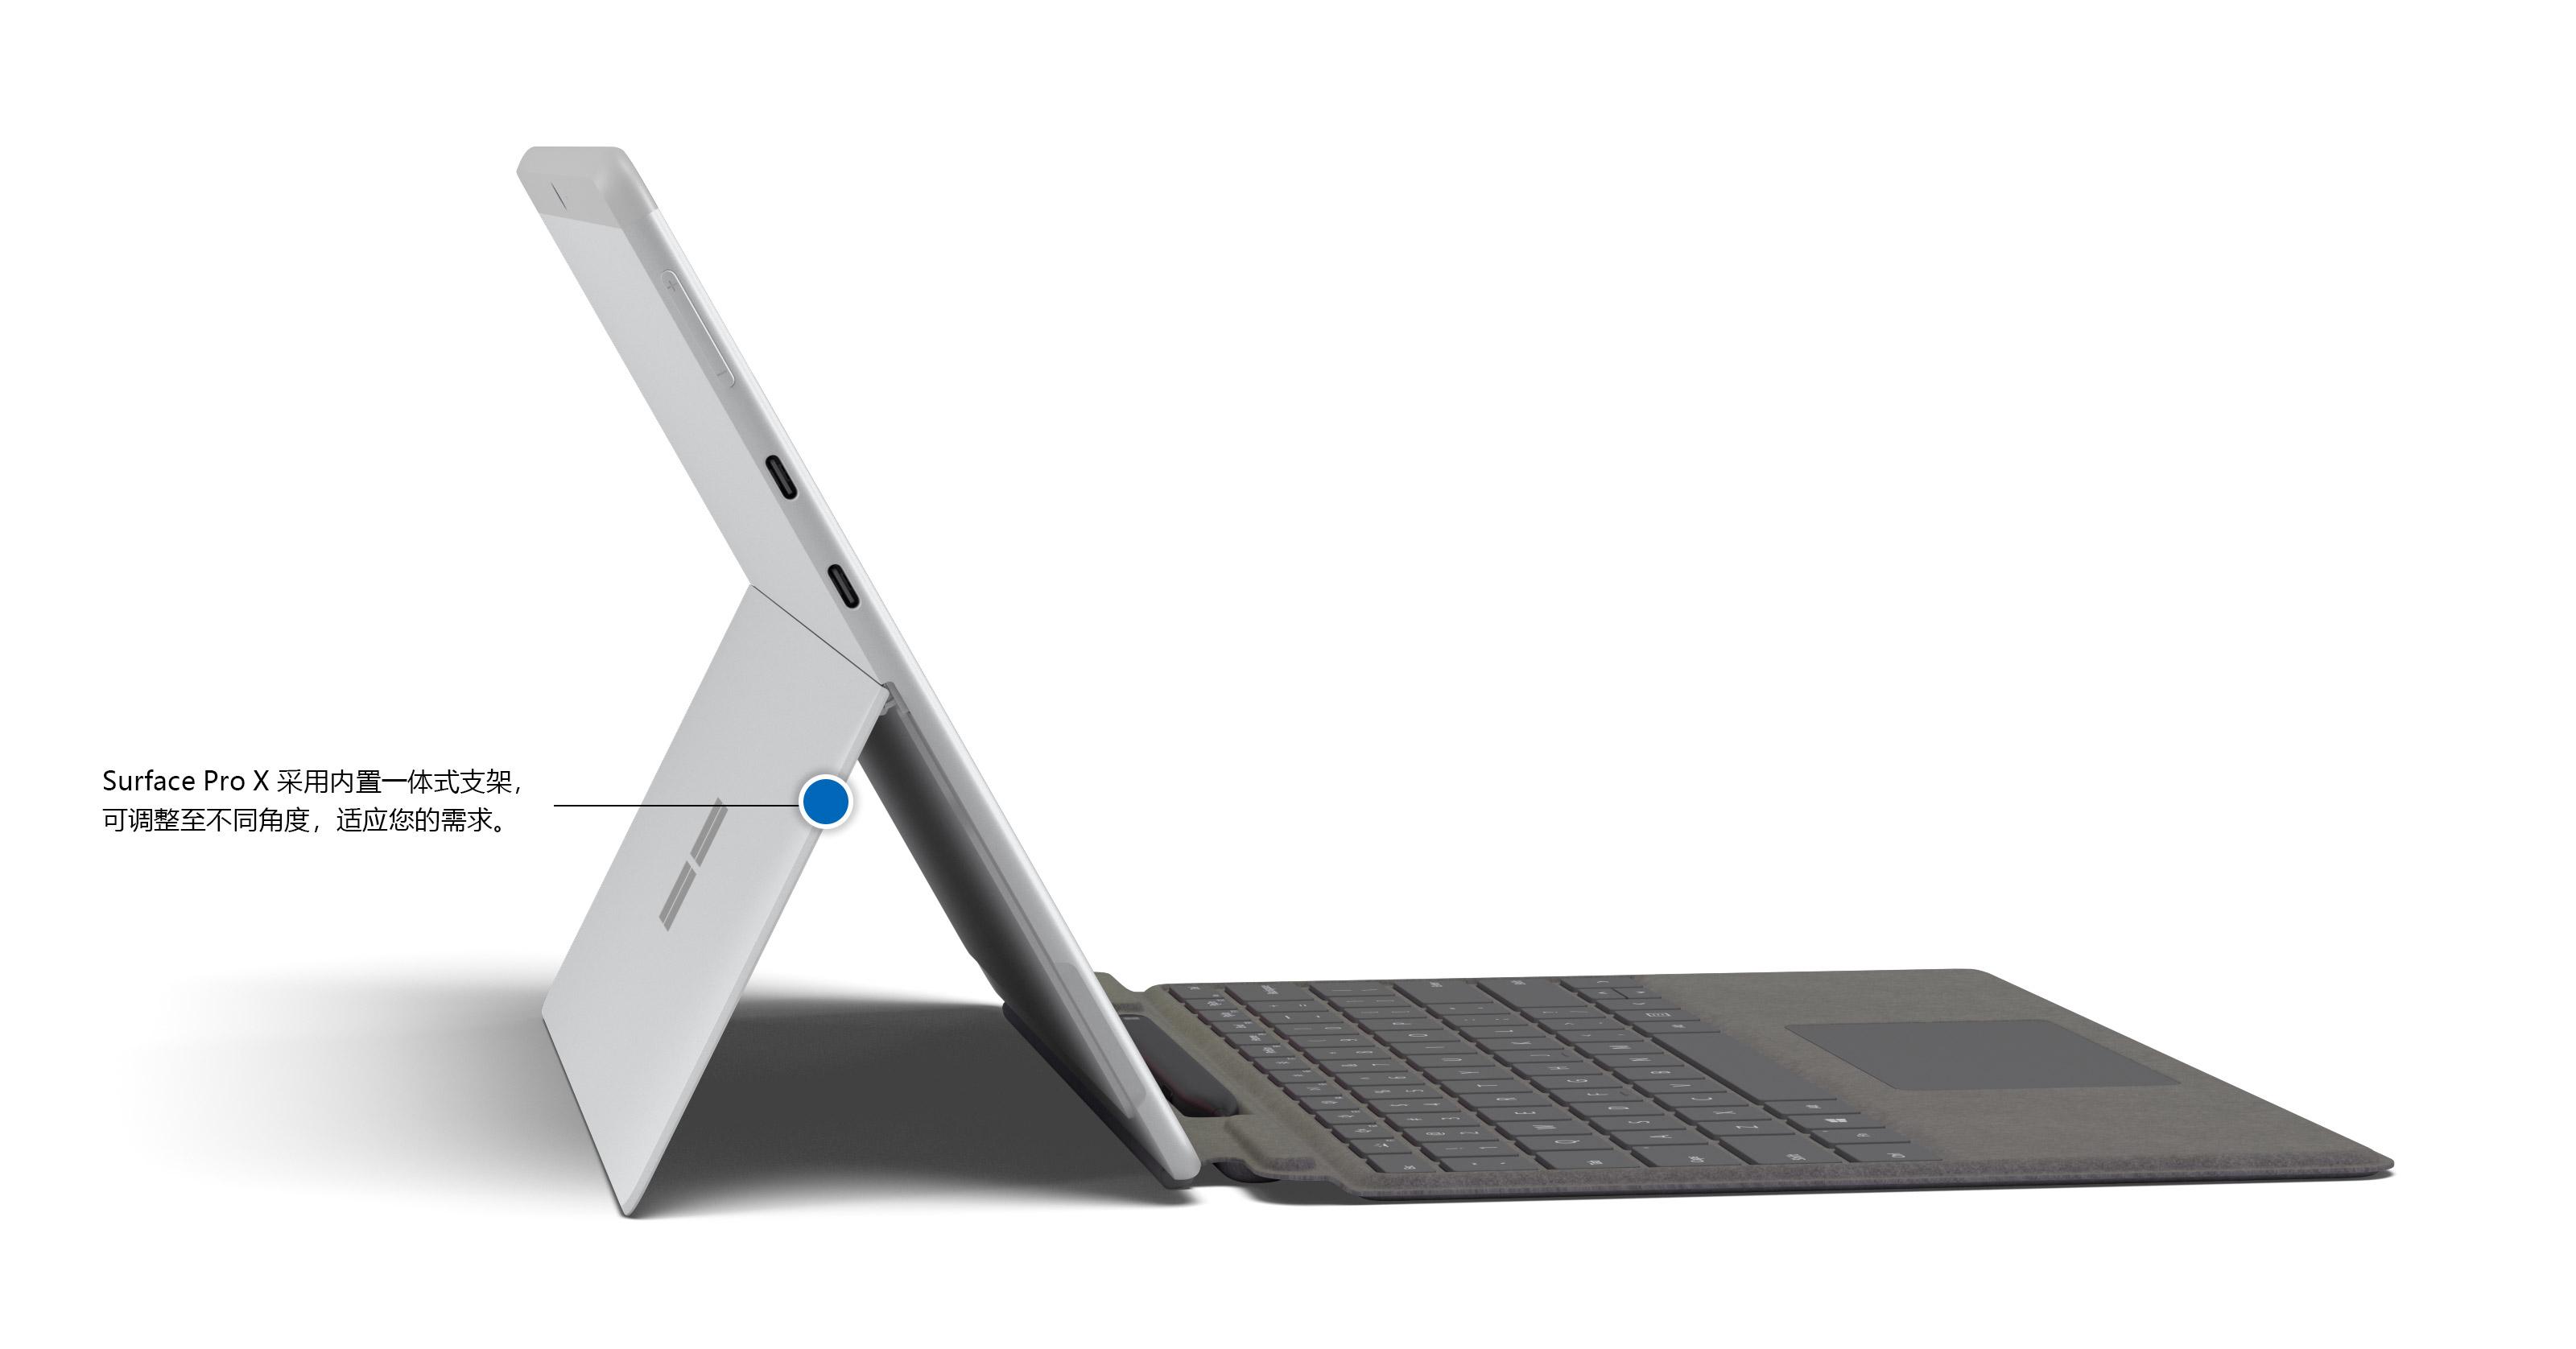 桌子上的 Surface Pro X 和 Surface Pro X 特制版专业键盘盖